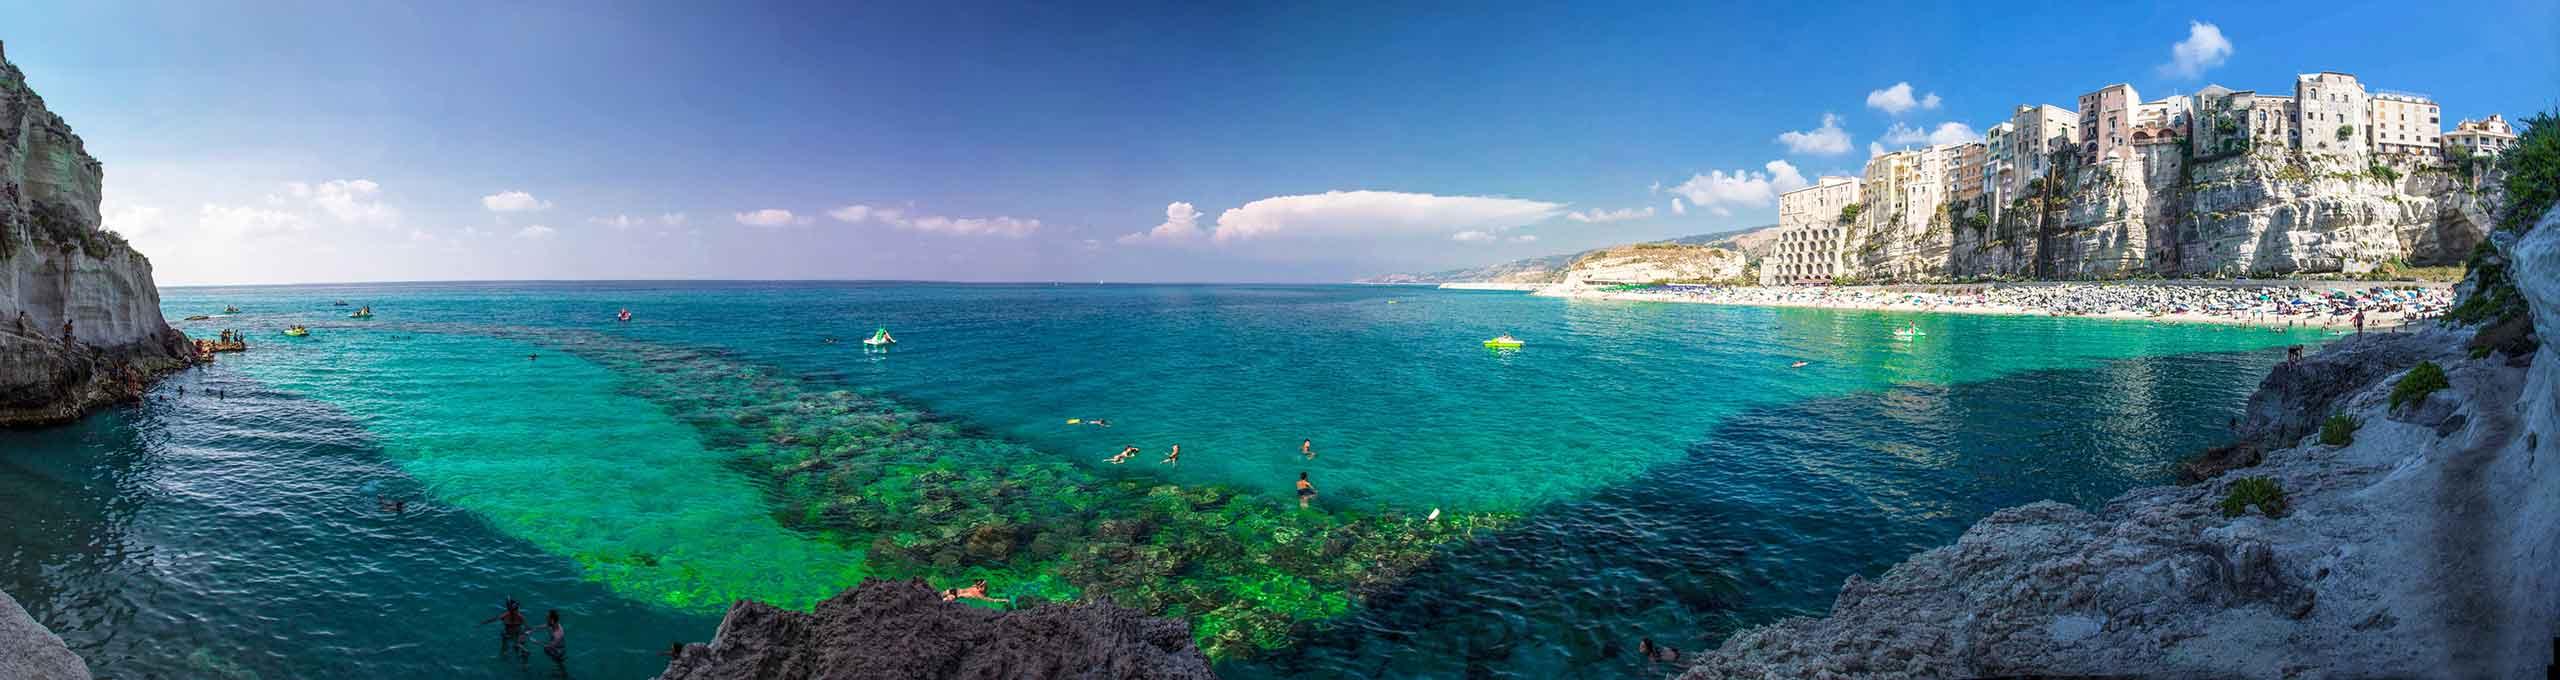 Spiaggia di Tropea, Costa degli Dei